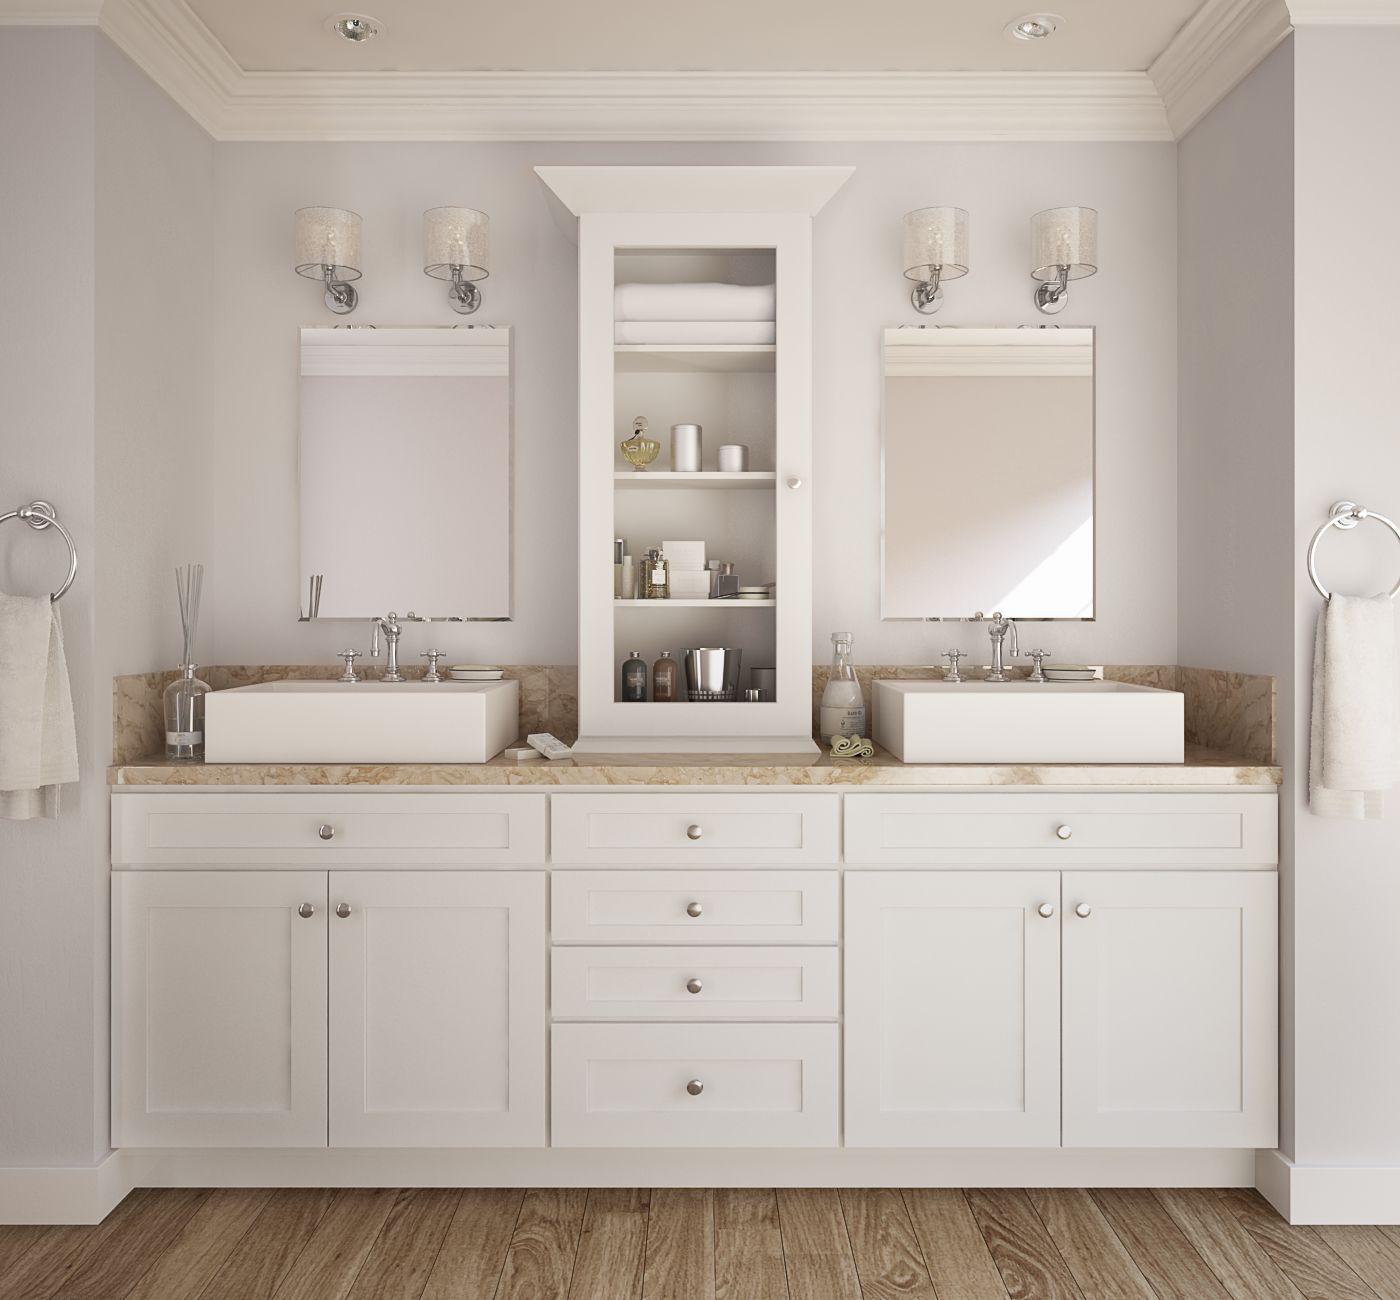 Already Assembled Kitchen Cabinets: Semi Custom Society Shaker White Pre-Assembled Kitchen